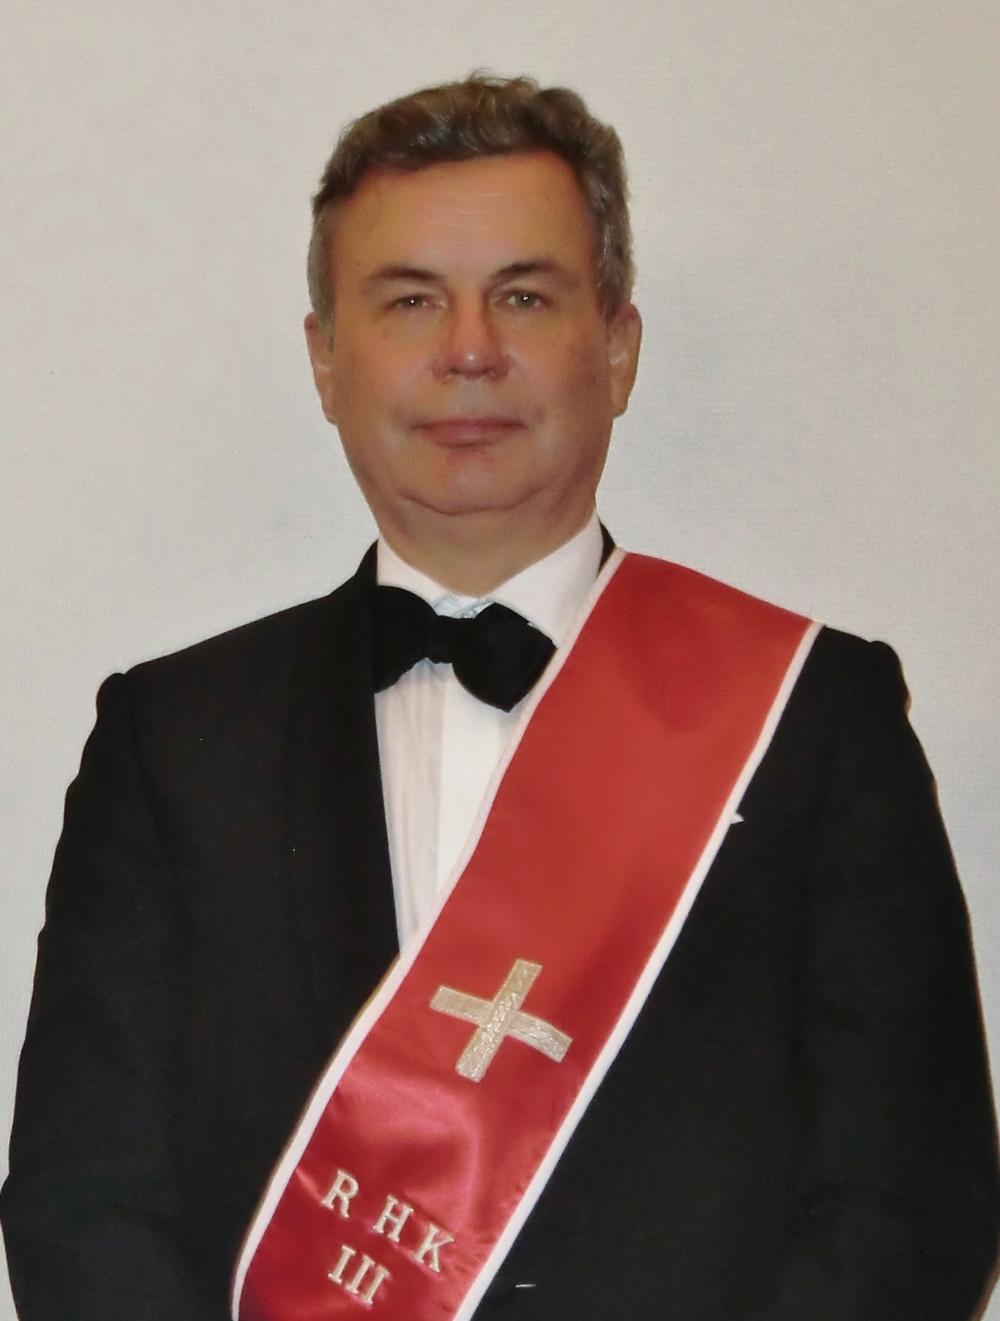 Jan Helge Johansen style=